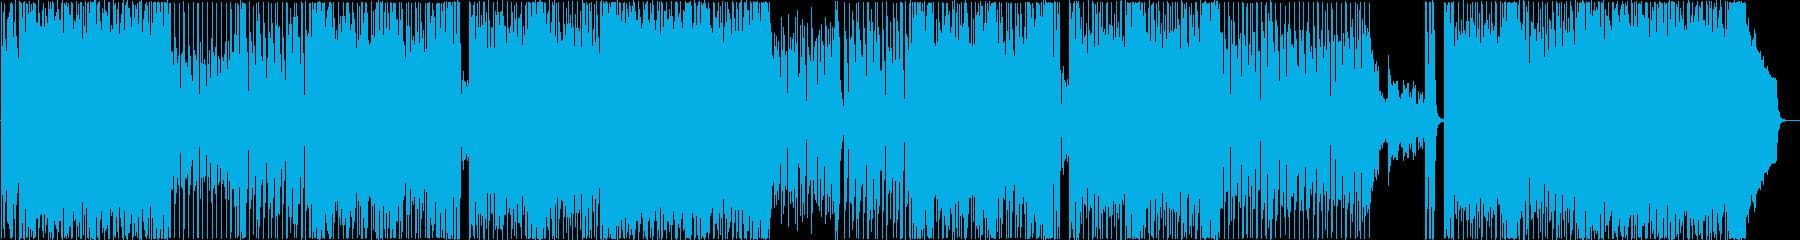 オープニング・爽やかポップなBGMの再生済みの波形